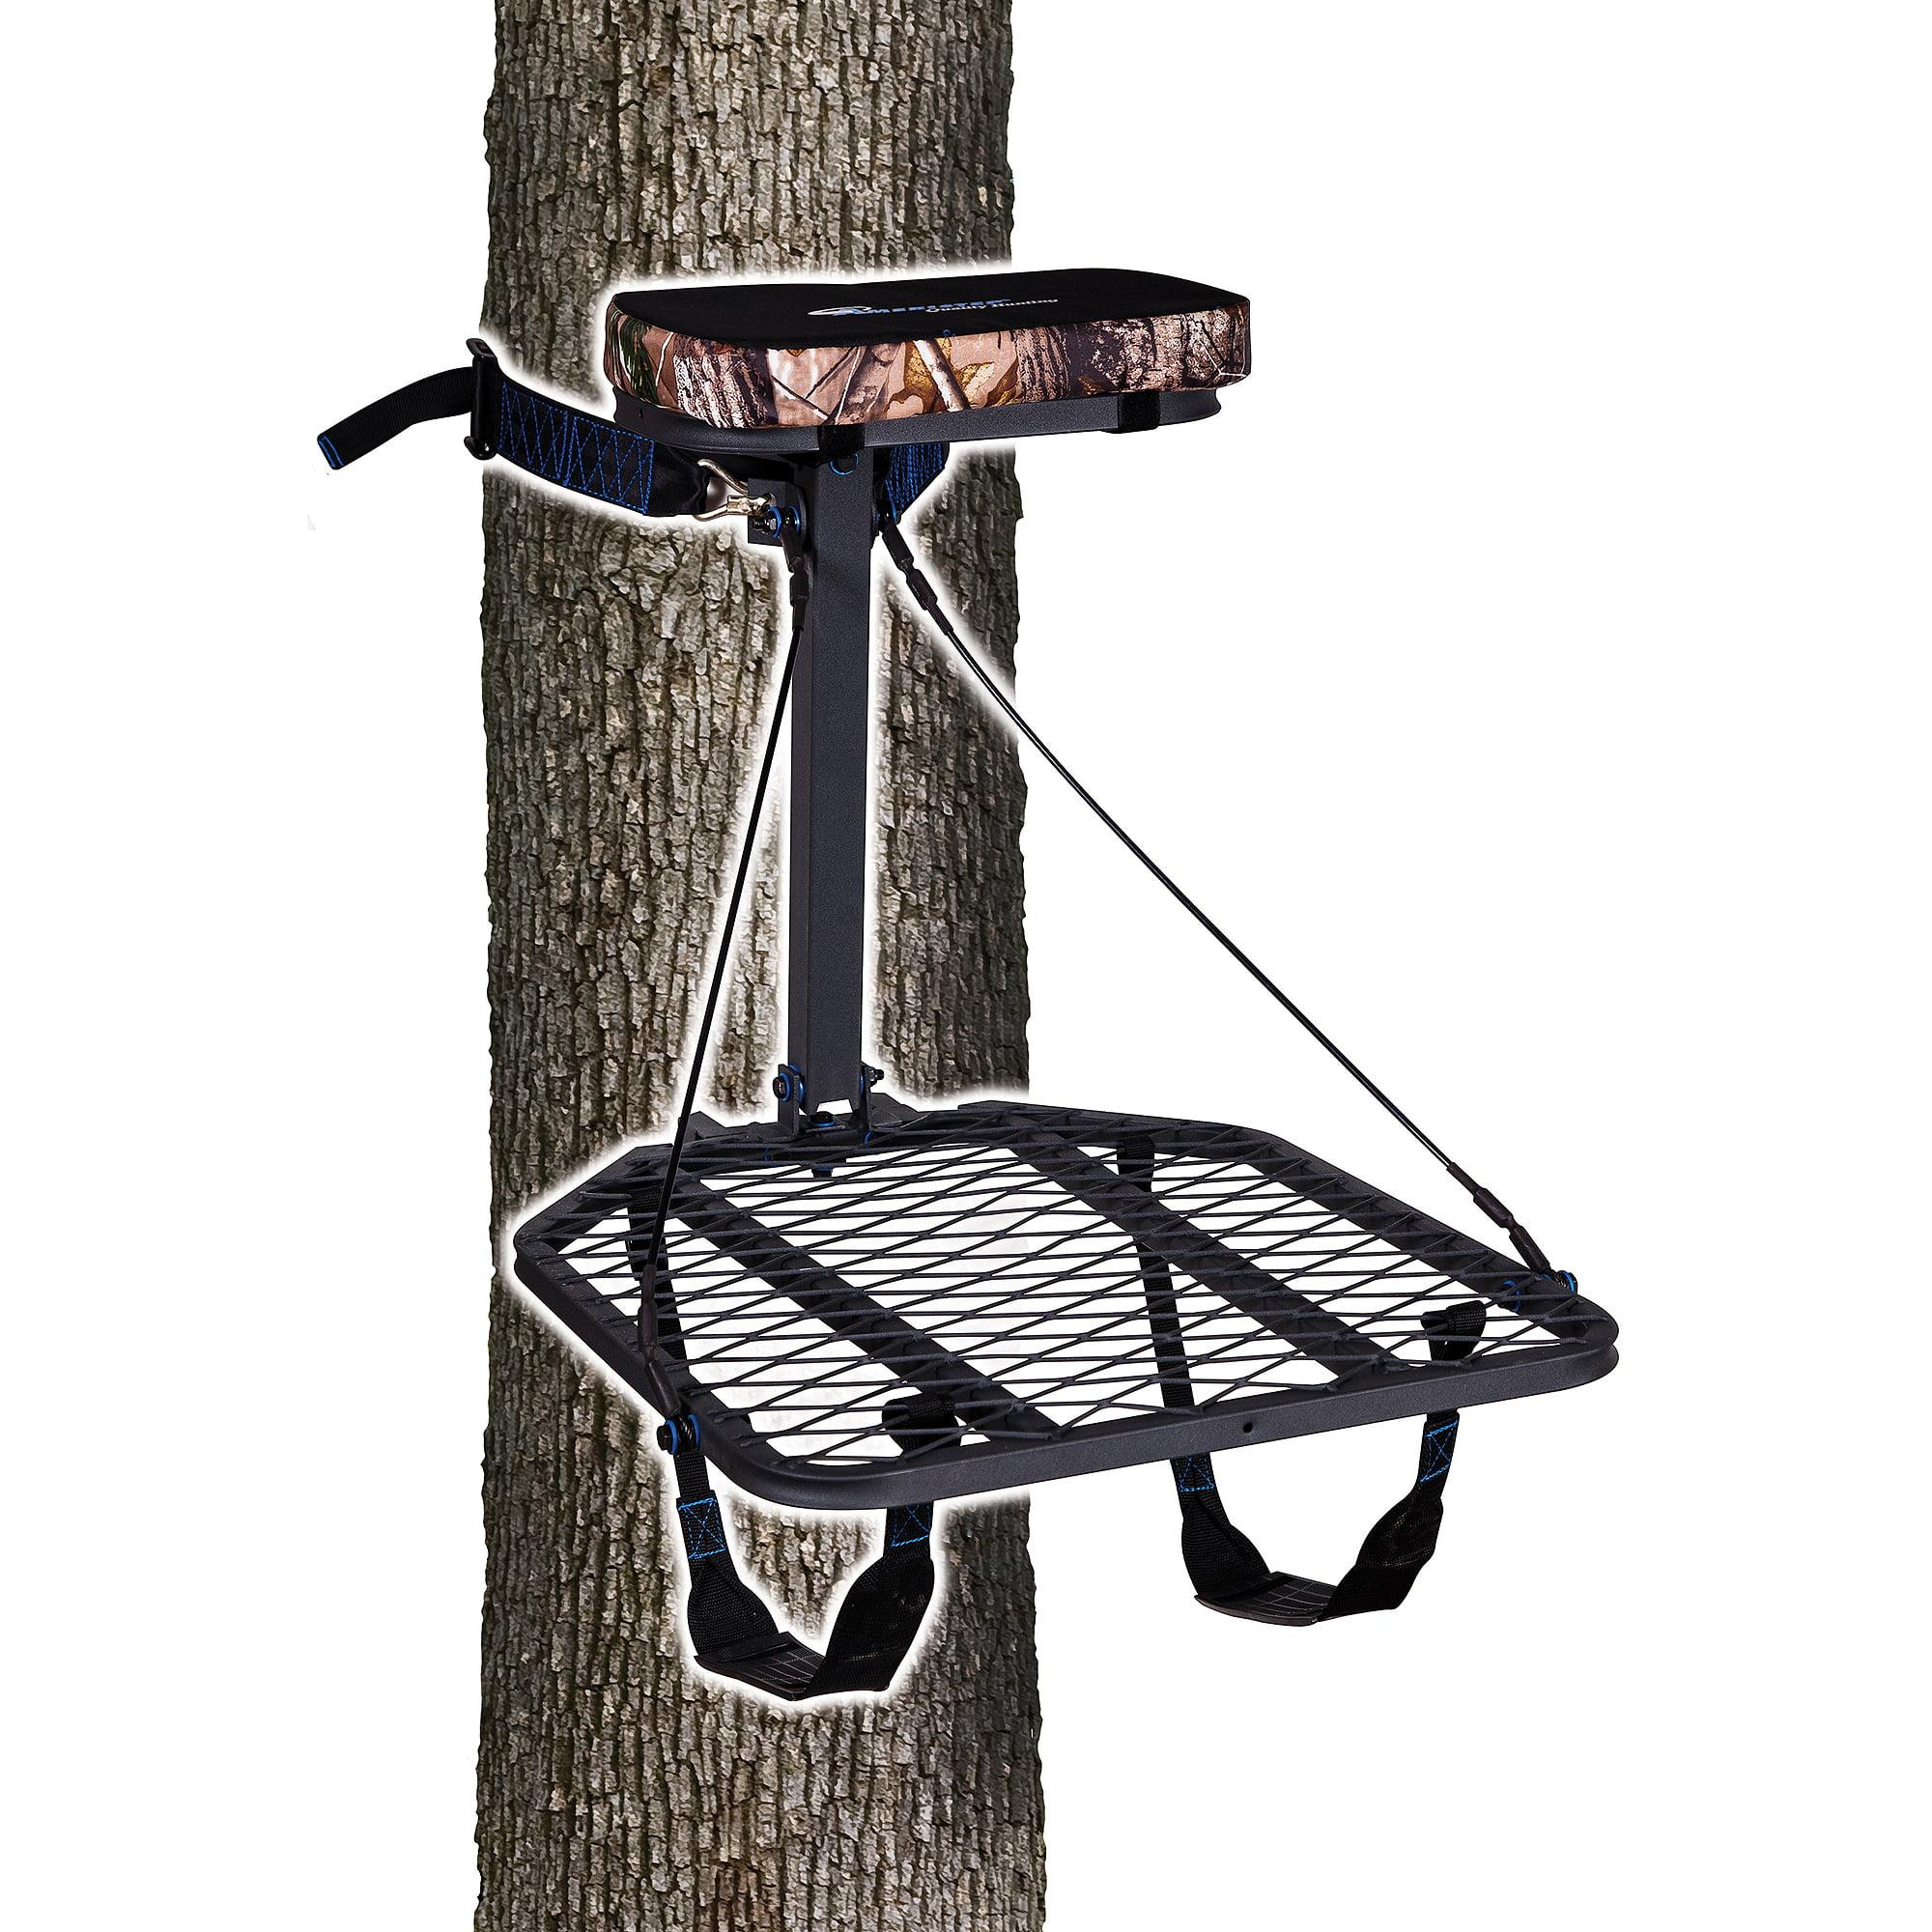 Ameristep Hang-On Treestand